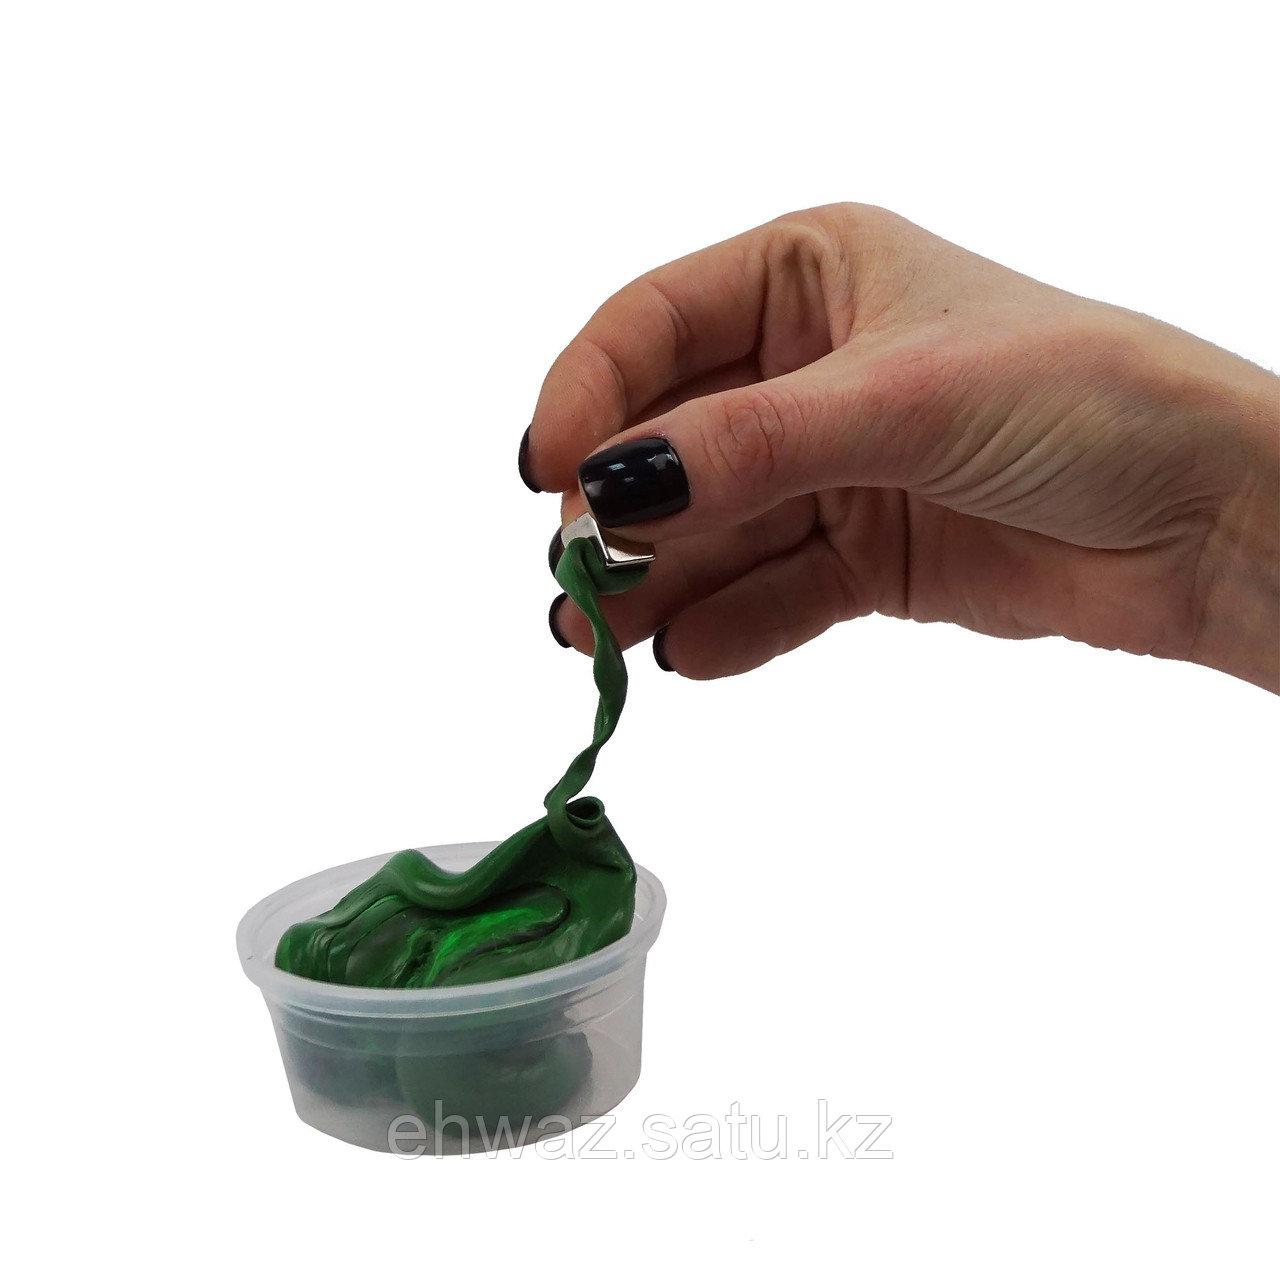 Умный пластилин магнитный (жвачка для рук)